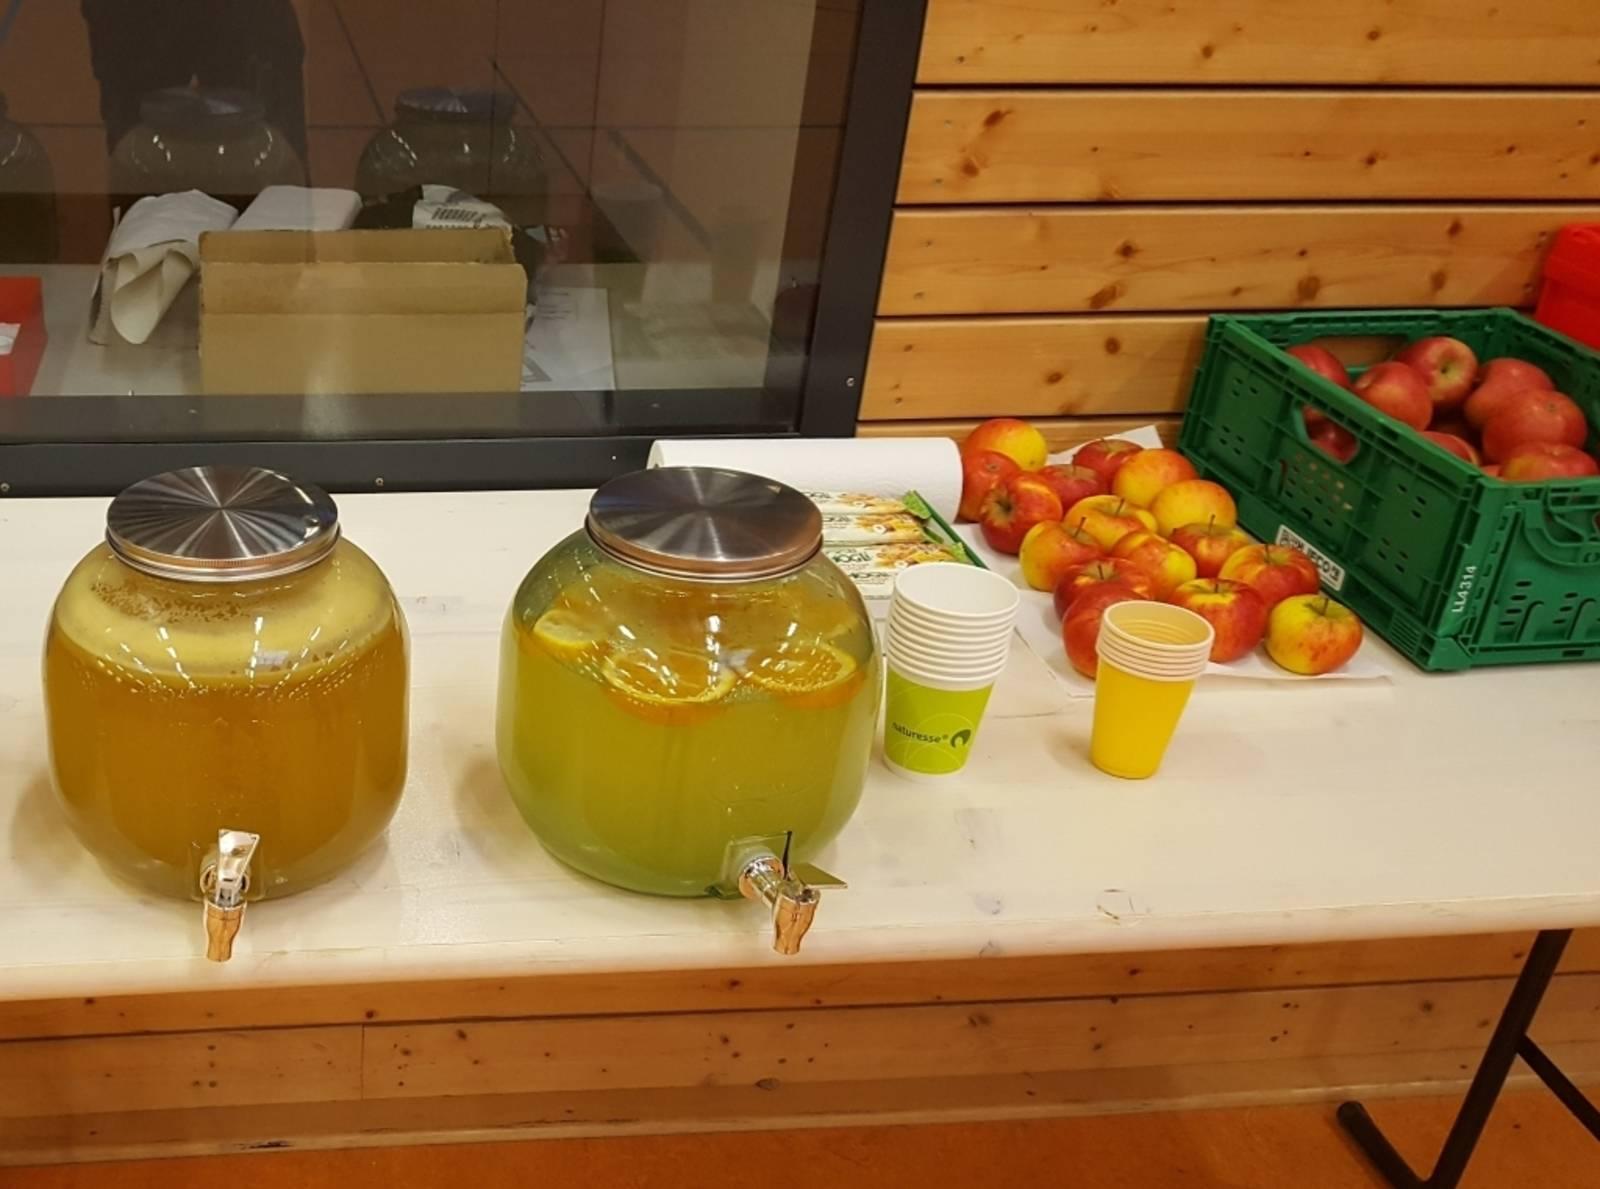 Buffet mit Wasserbehältern und Bio-Äpfeln beim Mitternachtssport des Jugendzentrums Feuerwache.